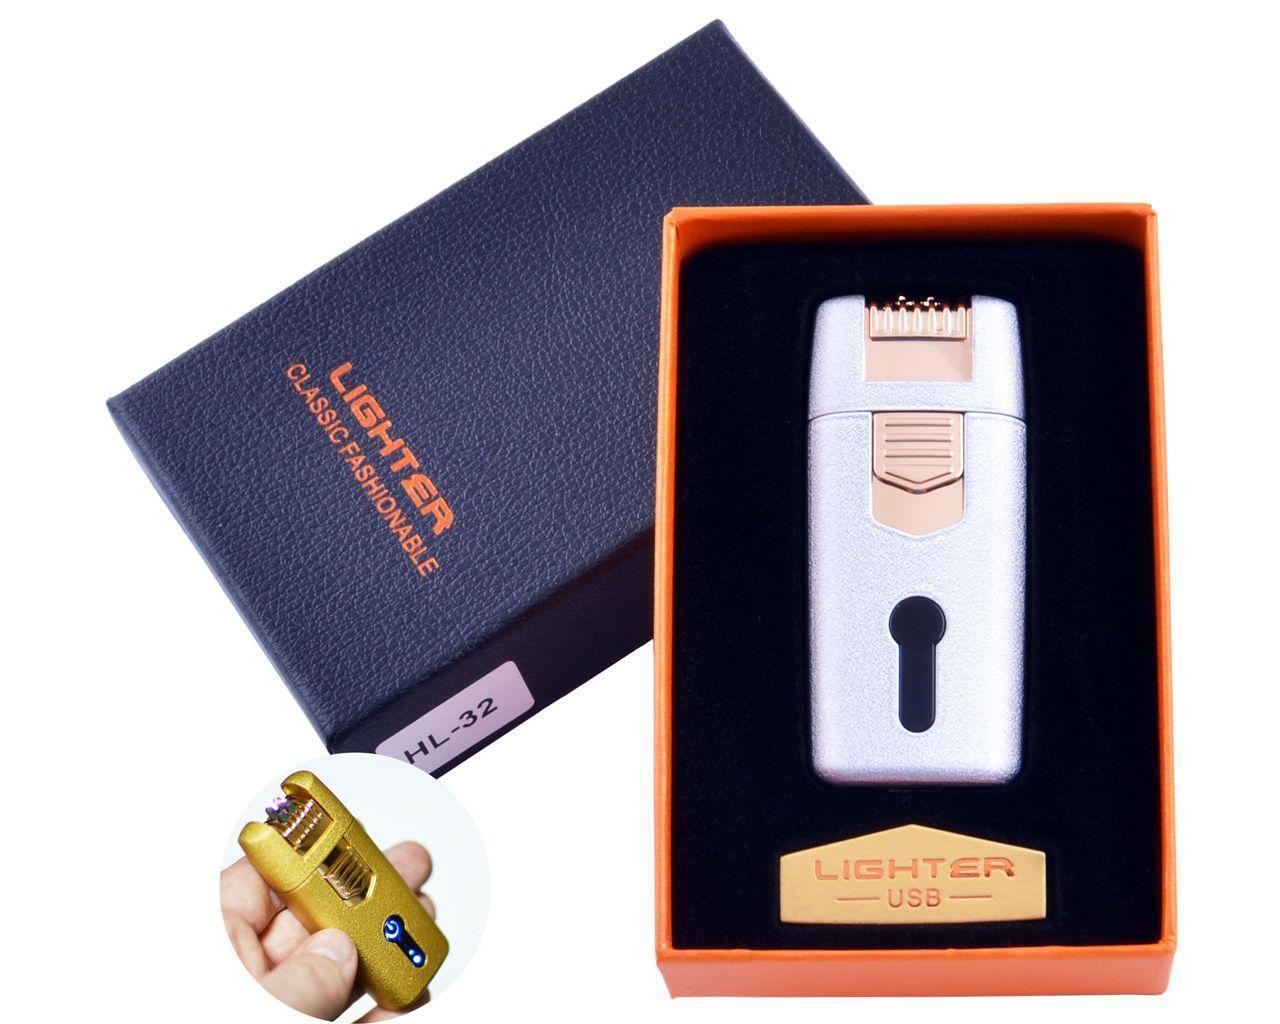 Зажигалка в подарочной коробке Lighter (Двойная молния)